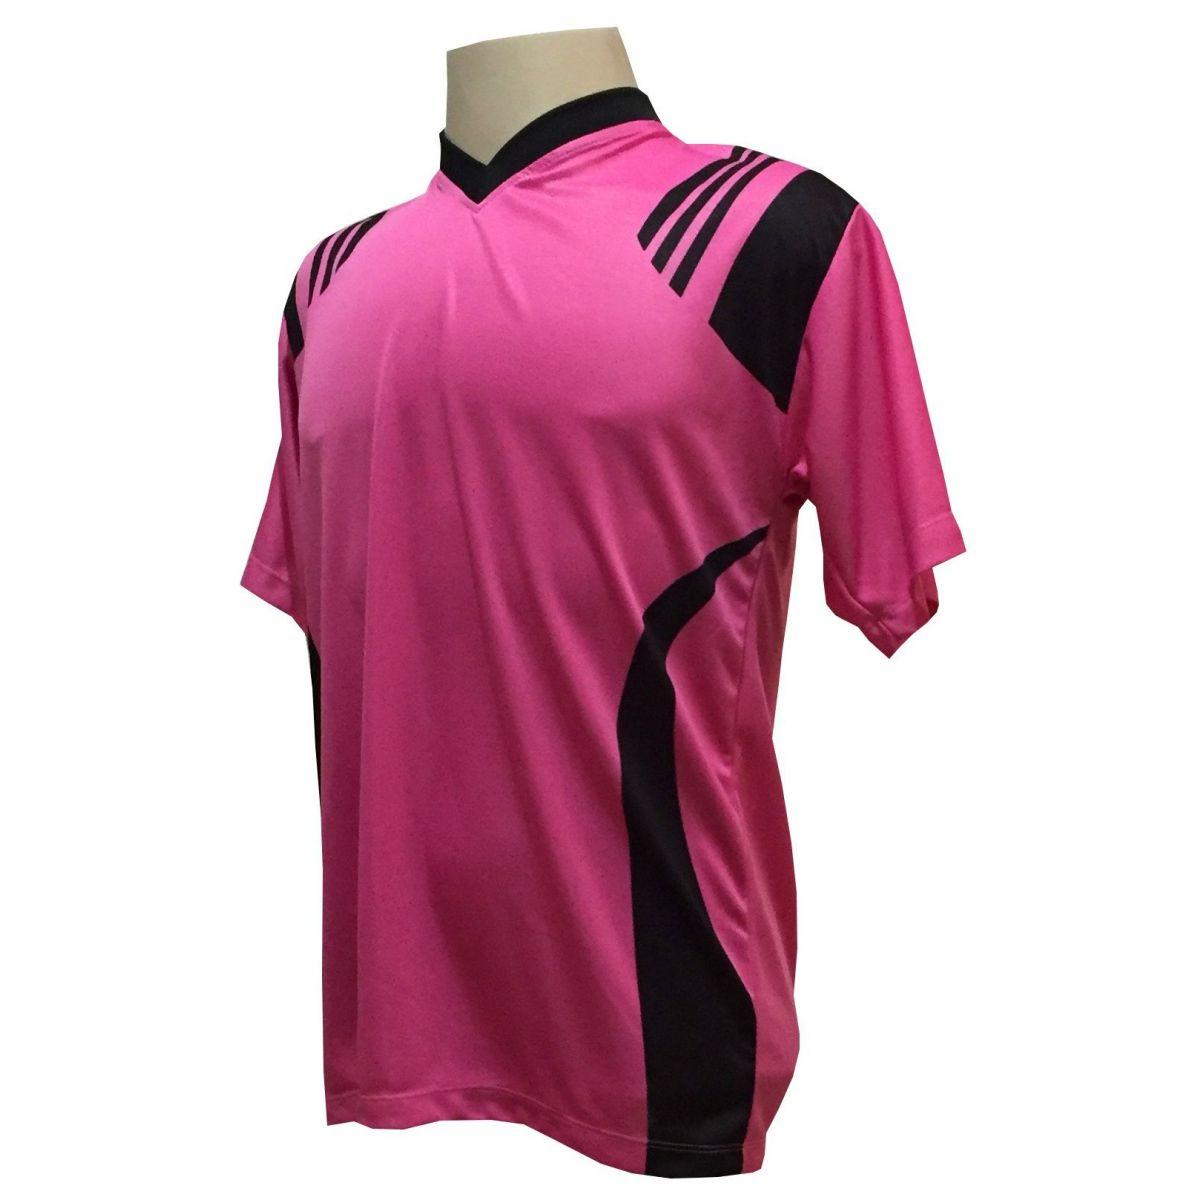 Uniforme Esportivo com 18 camisas modelo Roma Pink/Preto + 18 calções modelo Madrid Preto + Brindes